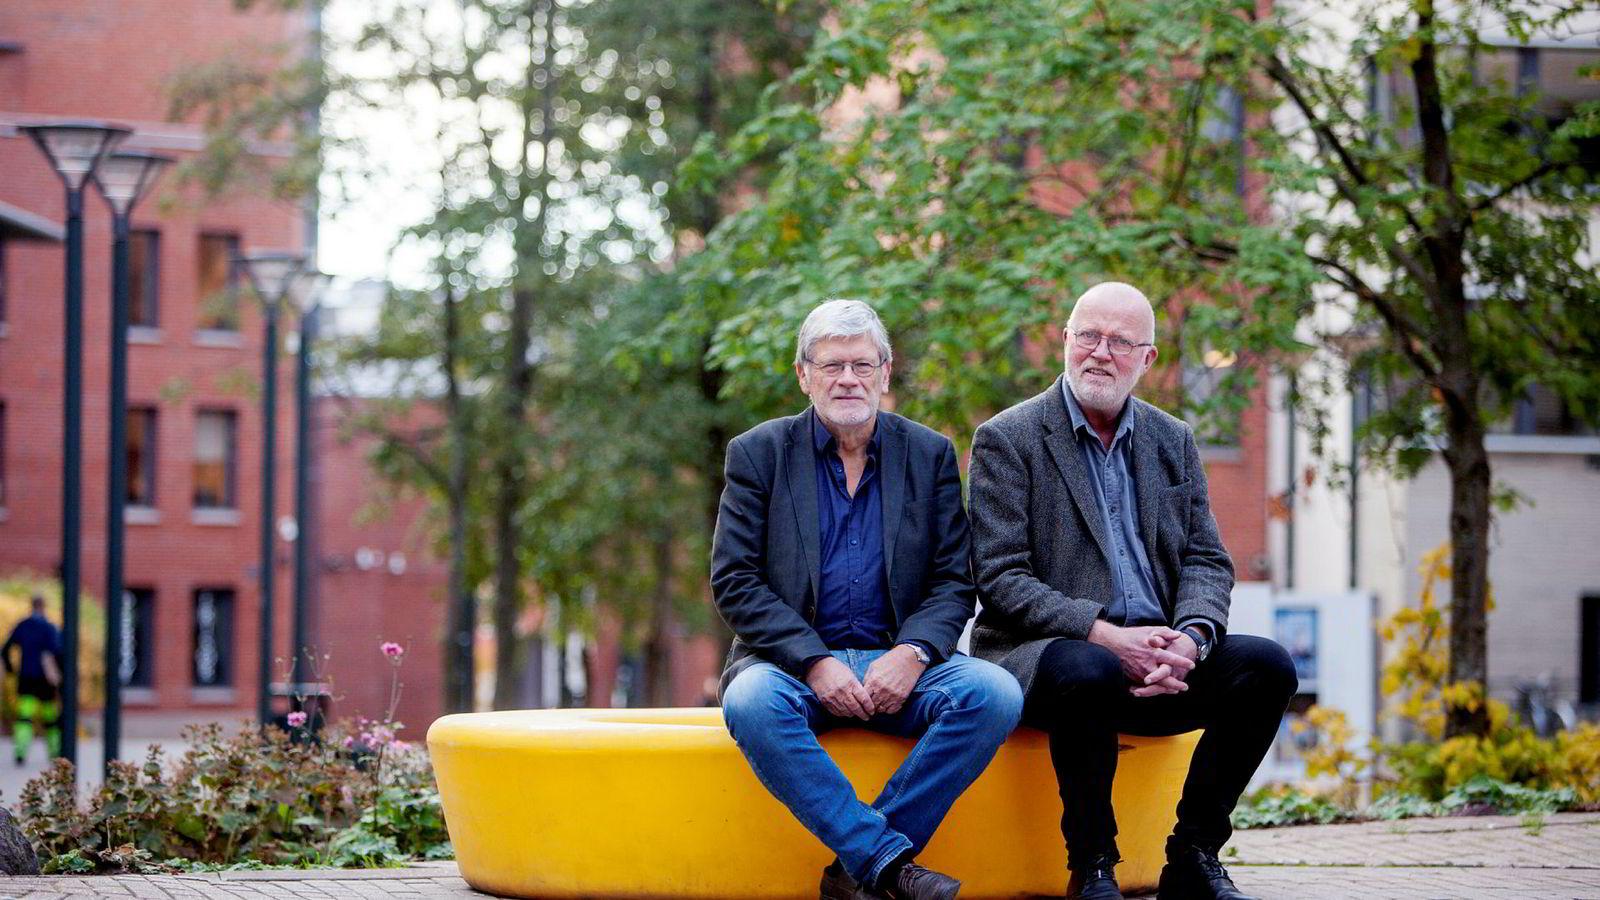 Ansettelsen av en ny rektor har ikke gått rolig for seg på Oslomet. Professorene Anders Breidlid (til høyre) og Ragnar Audunson er misfornøyd med ansettelsesprosessen.